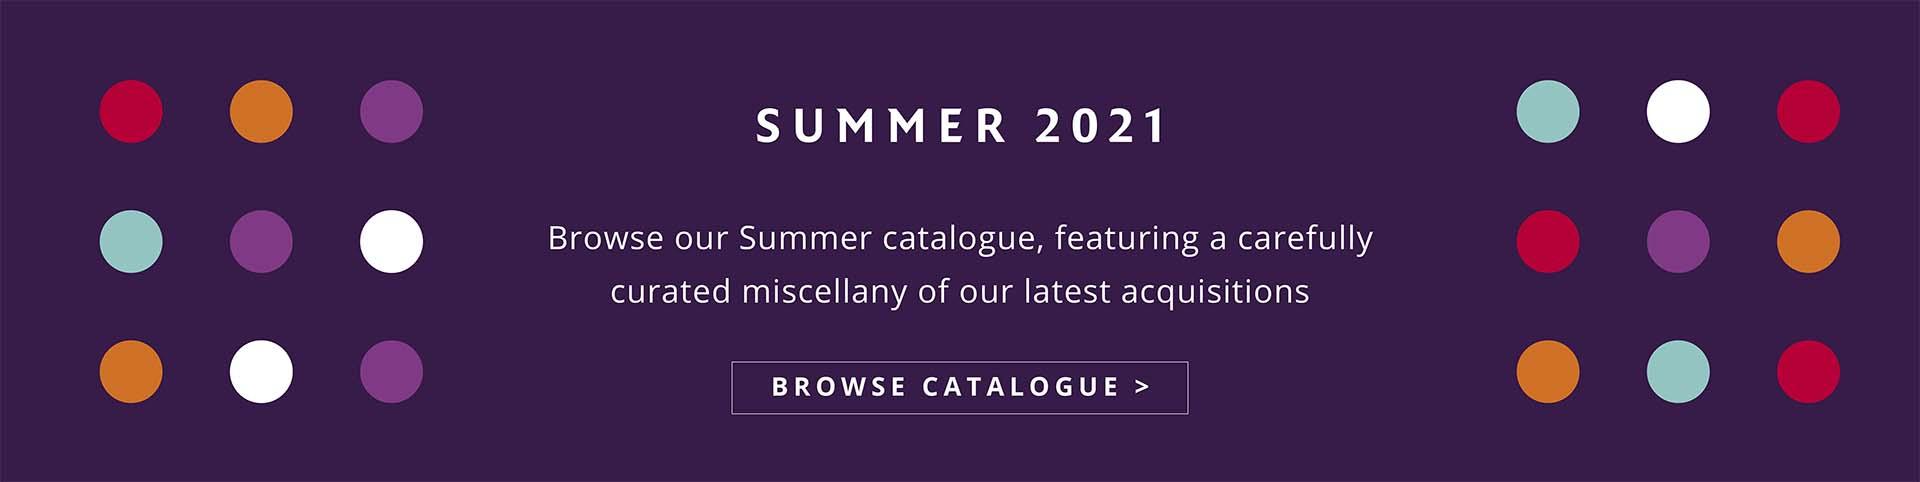 Summer Catalogue 2021